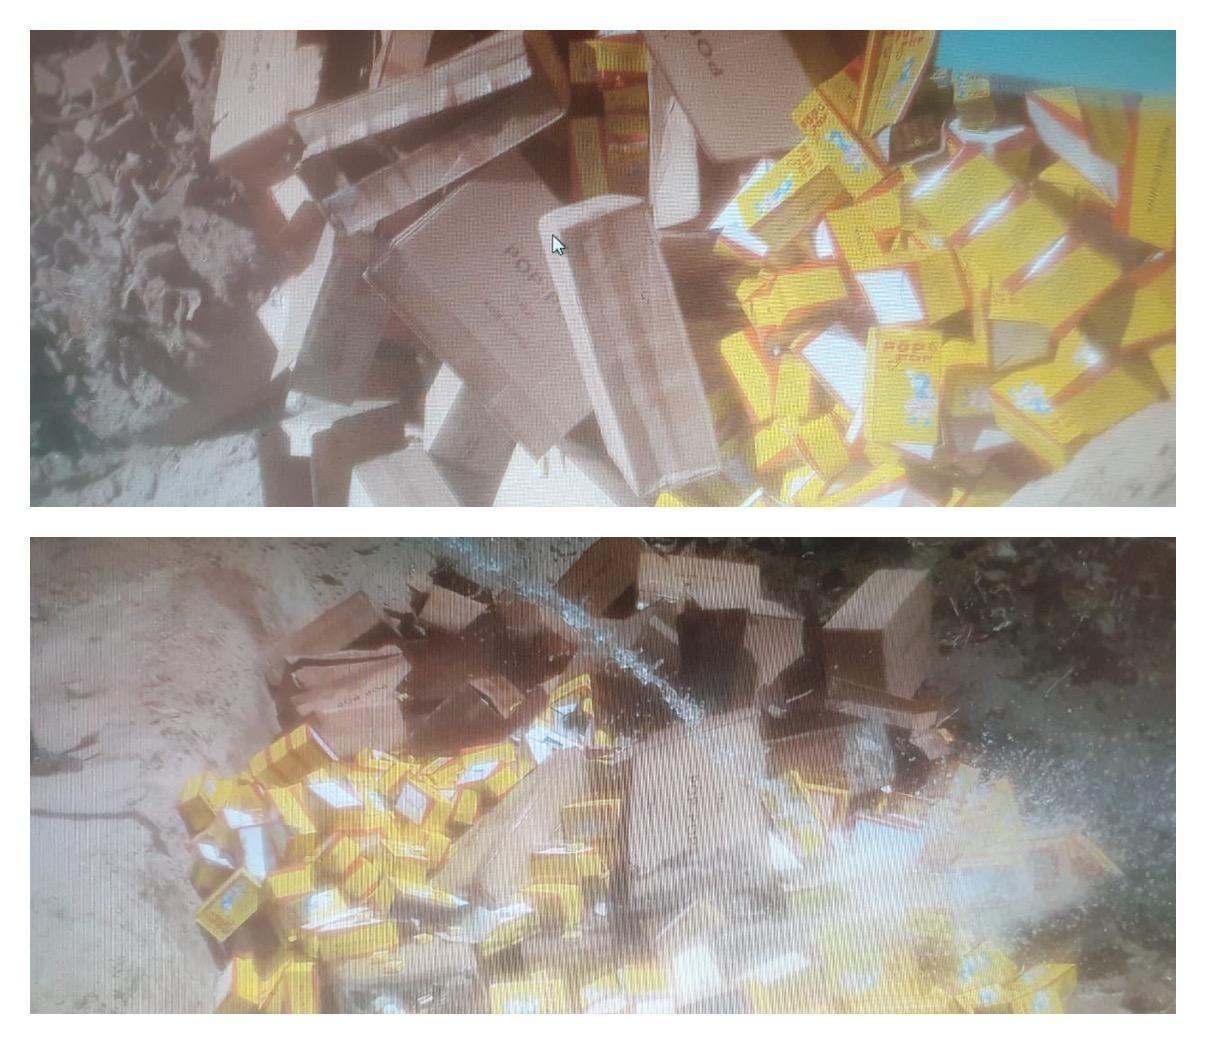 اتلاف شحنة العاب نارية ممنوعة الأستيراد في جمرك المنطقة الوسطى